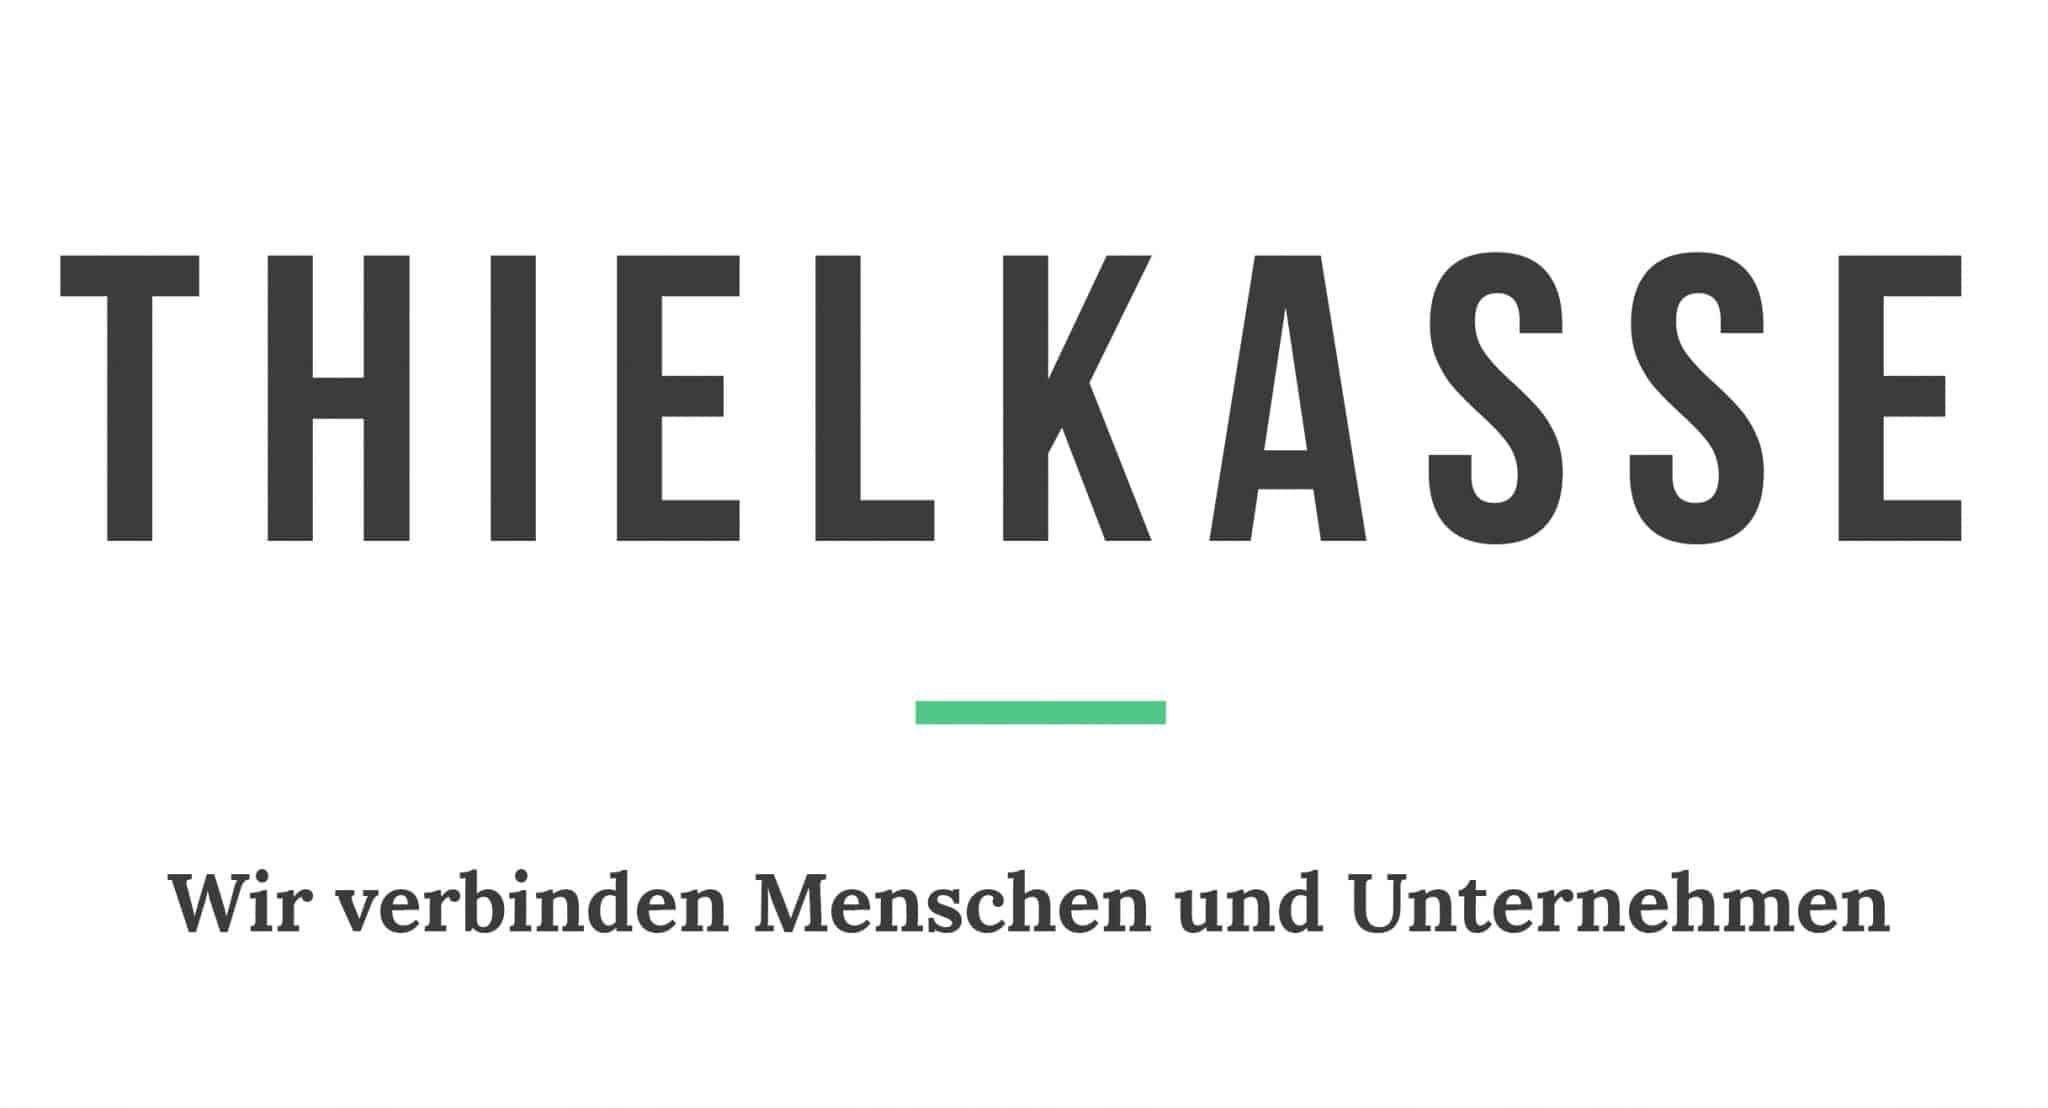 Thielkasse: Wir verbinden Menschen und Unternehmen